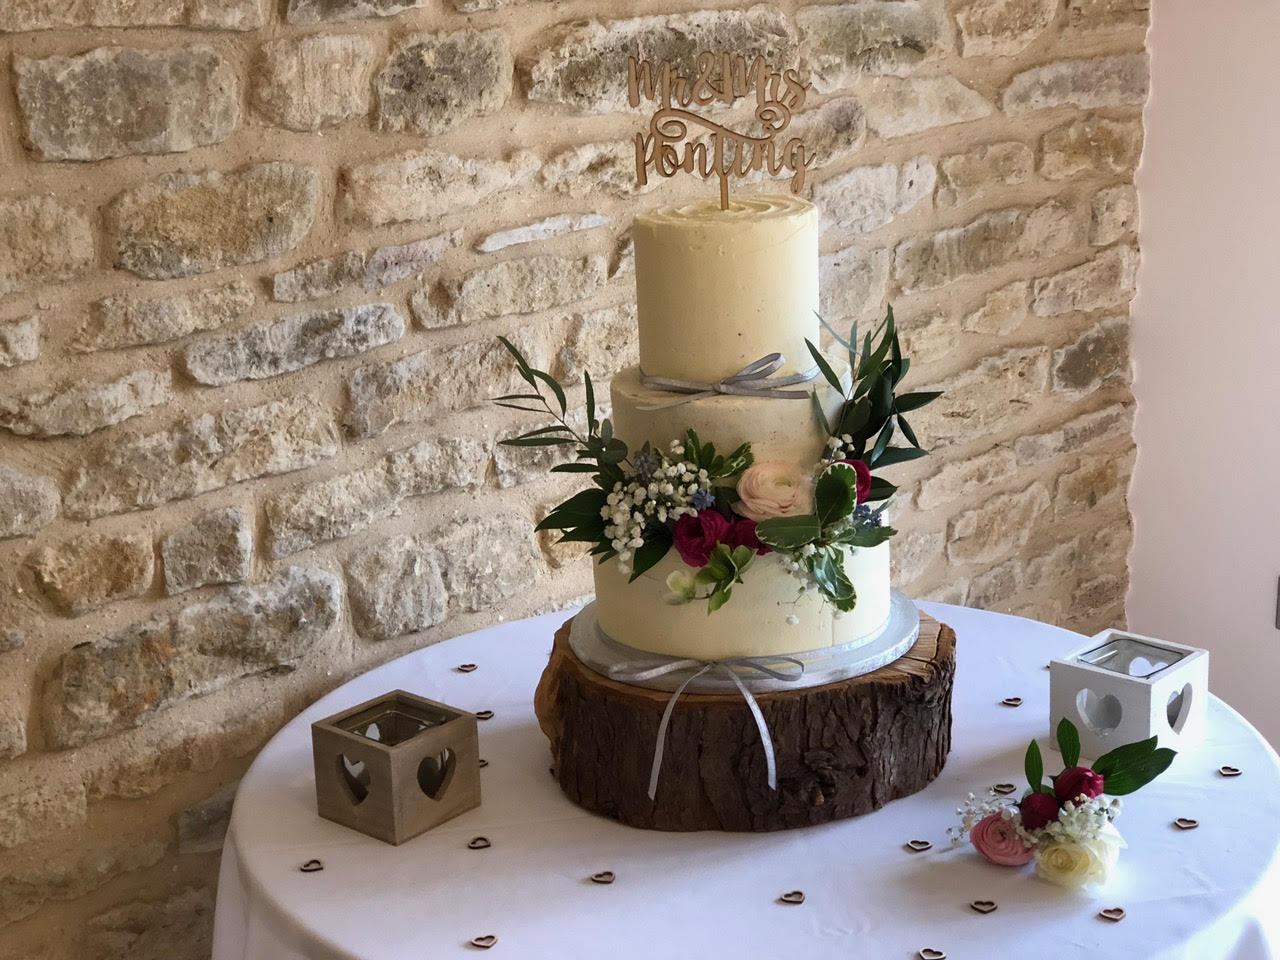 Ponting Wedding Cake